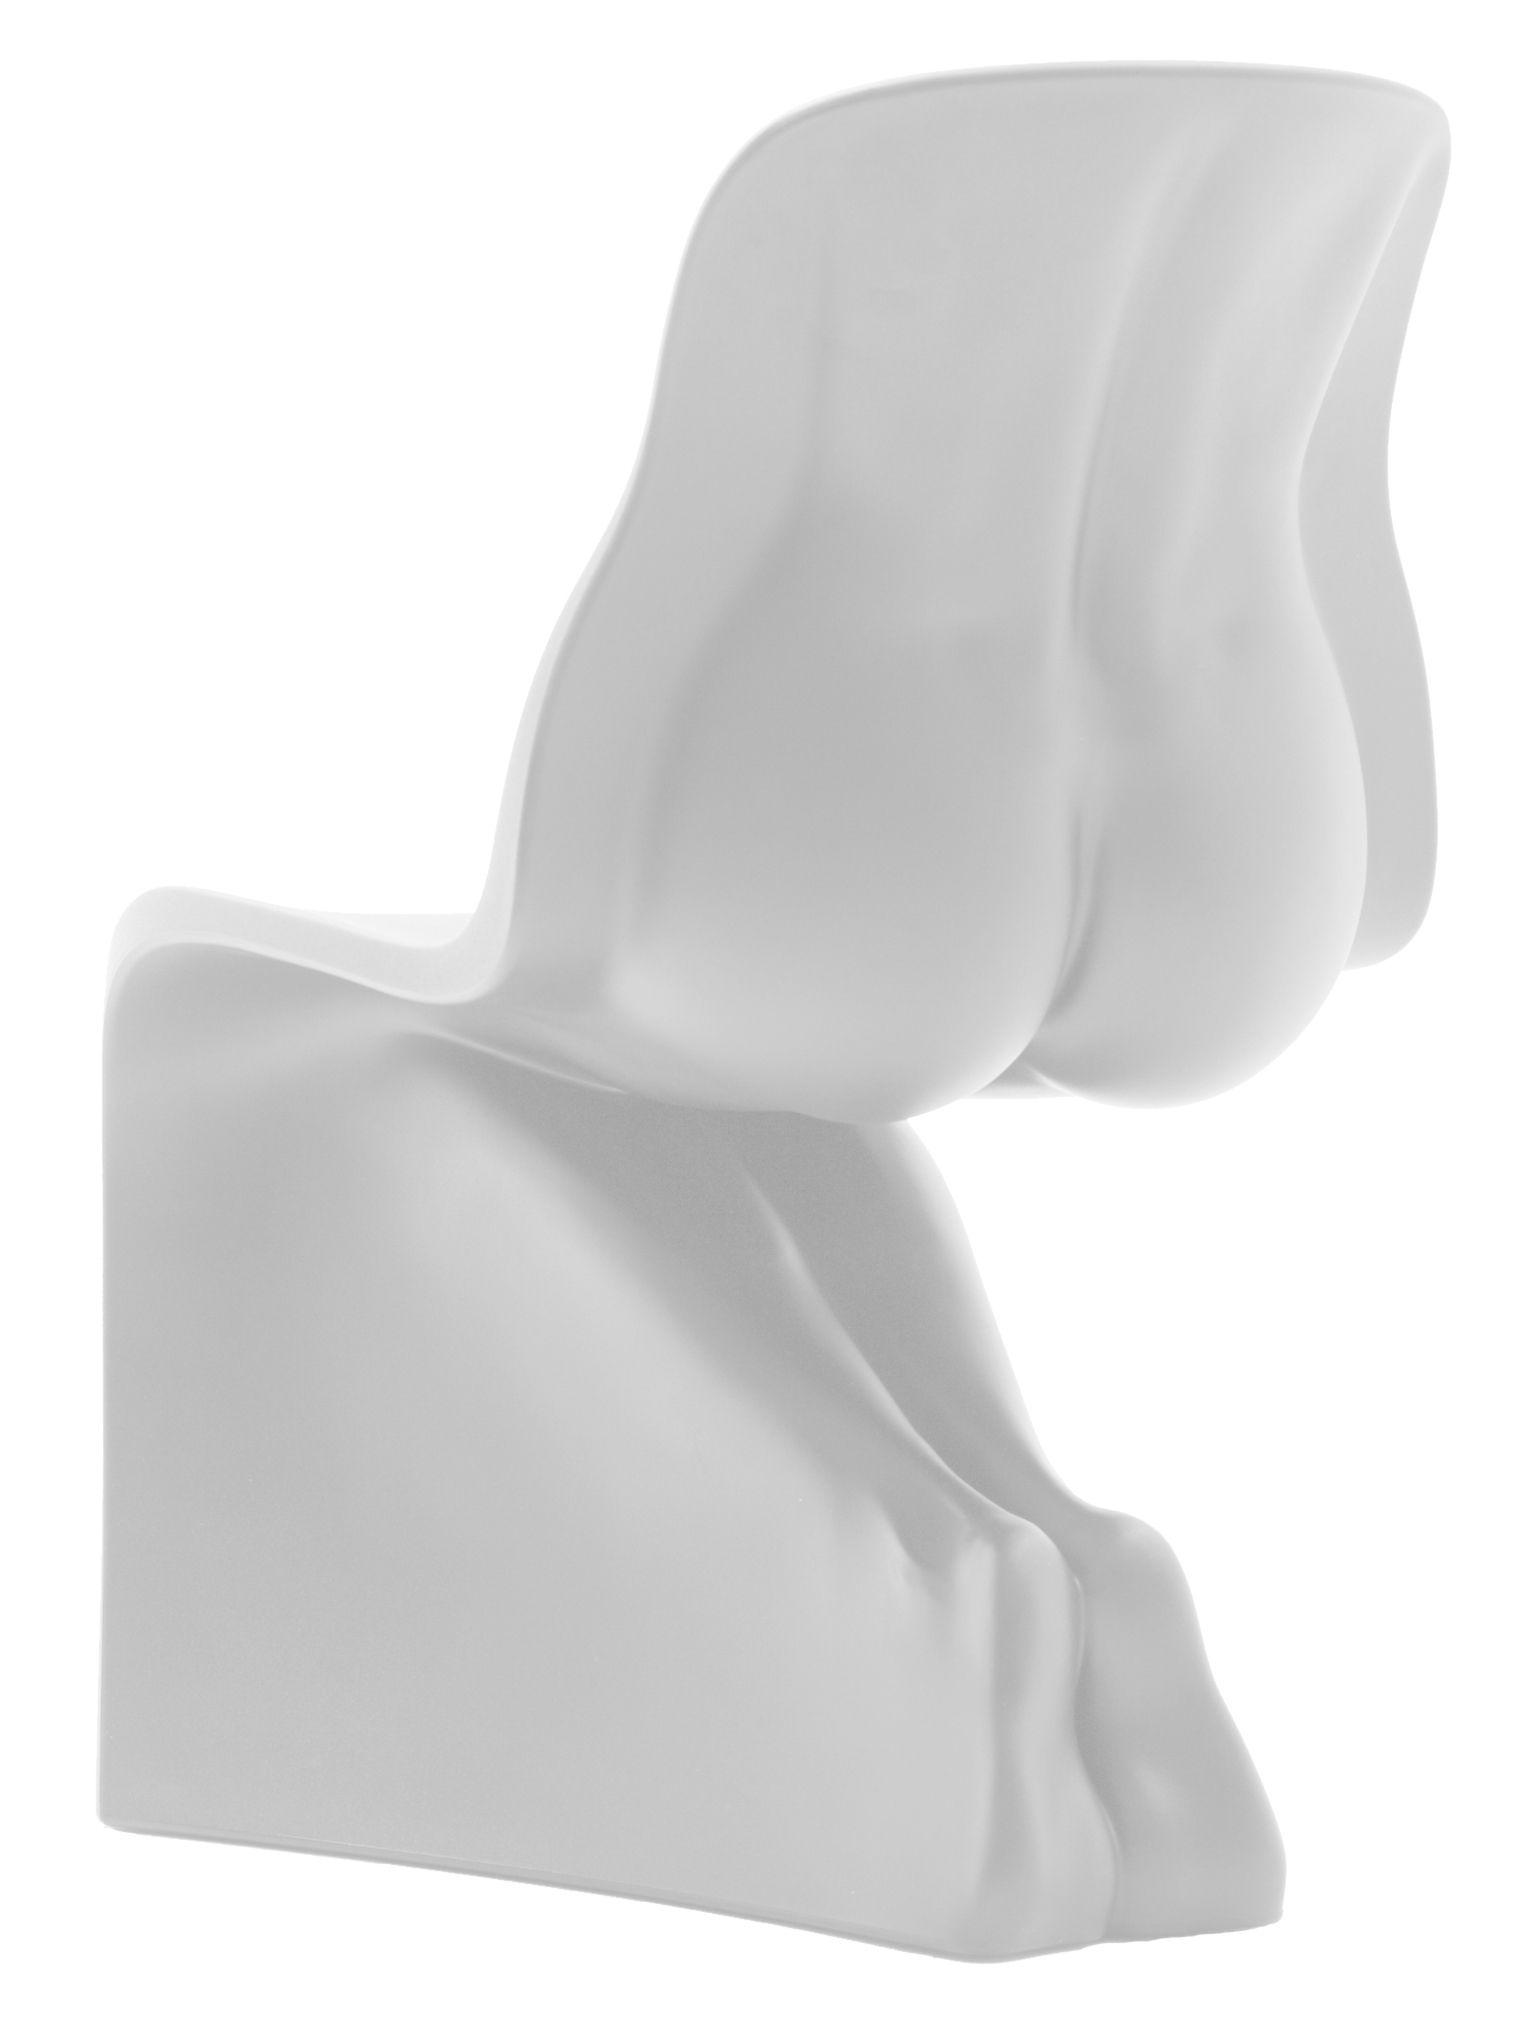 Mobilier - Chaises, fauteuils de salle à manger - Chaise Her / Plastique - Casamania - Blanc - Polyéthylène